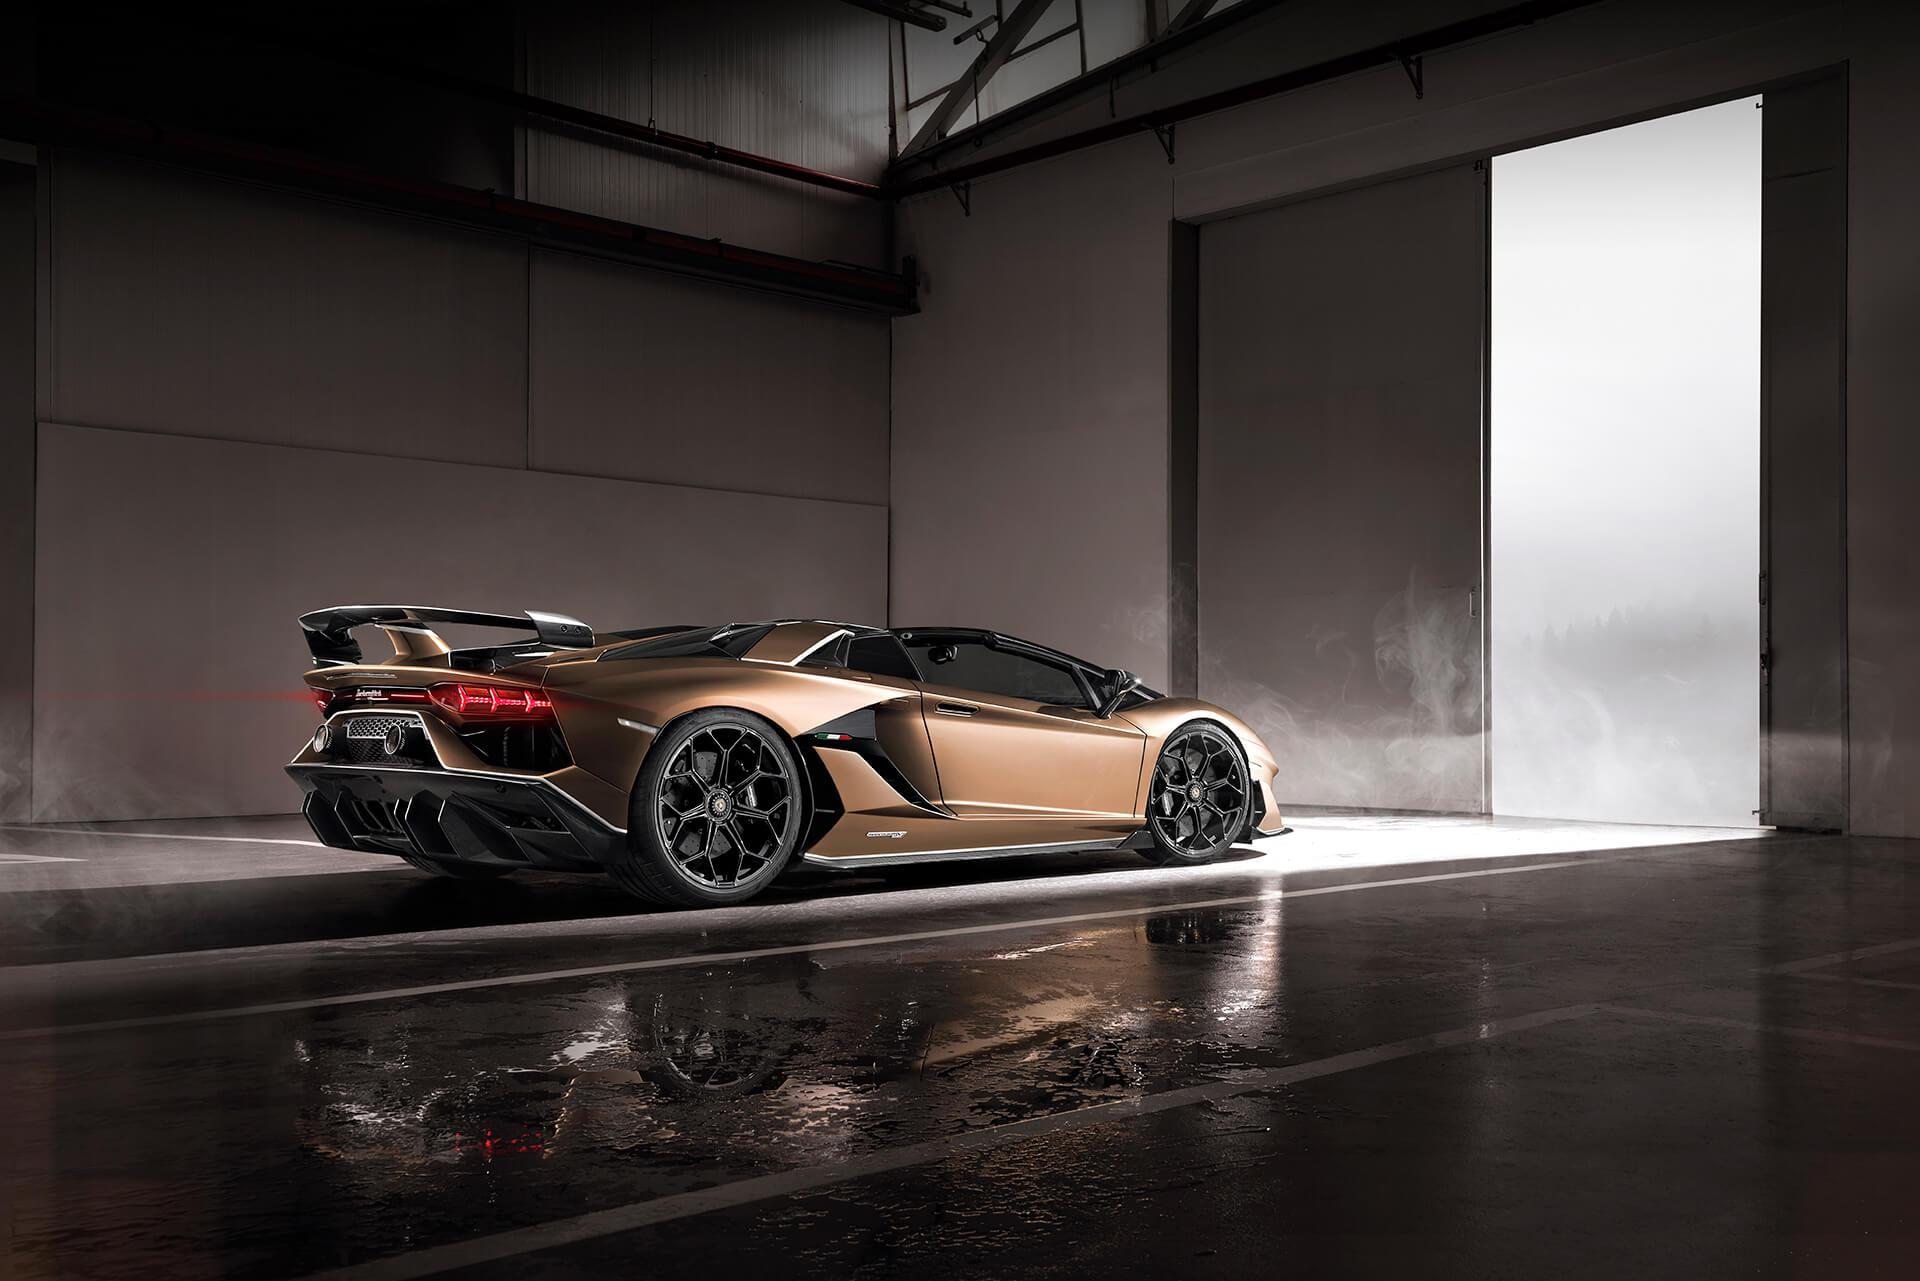 The Lamborghini Aventador Svj Roadster Is A 217mph Open